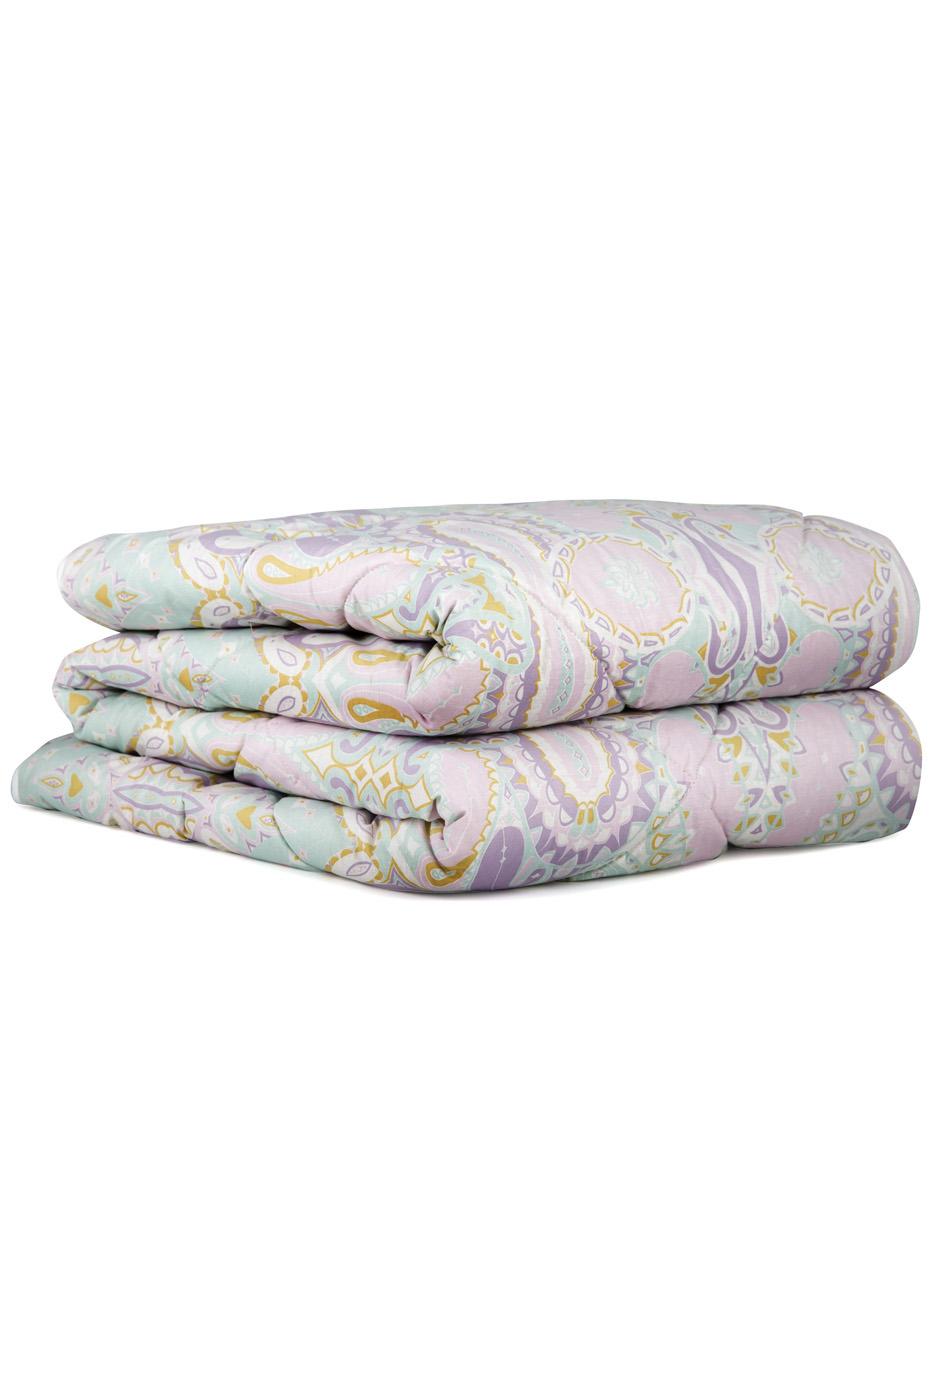 где купить Одеяла CLASSIC by T Одеяло Марракеш Всесезонное (175х200 см) по лучшей цене